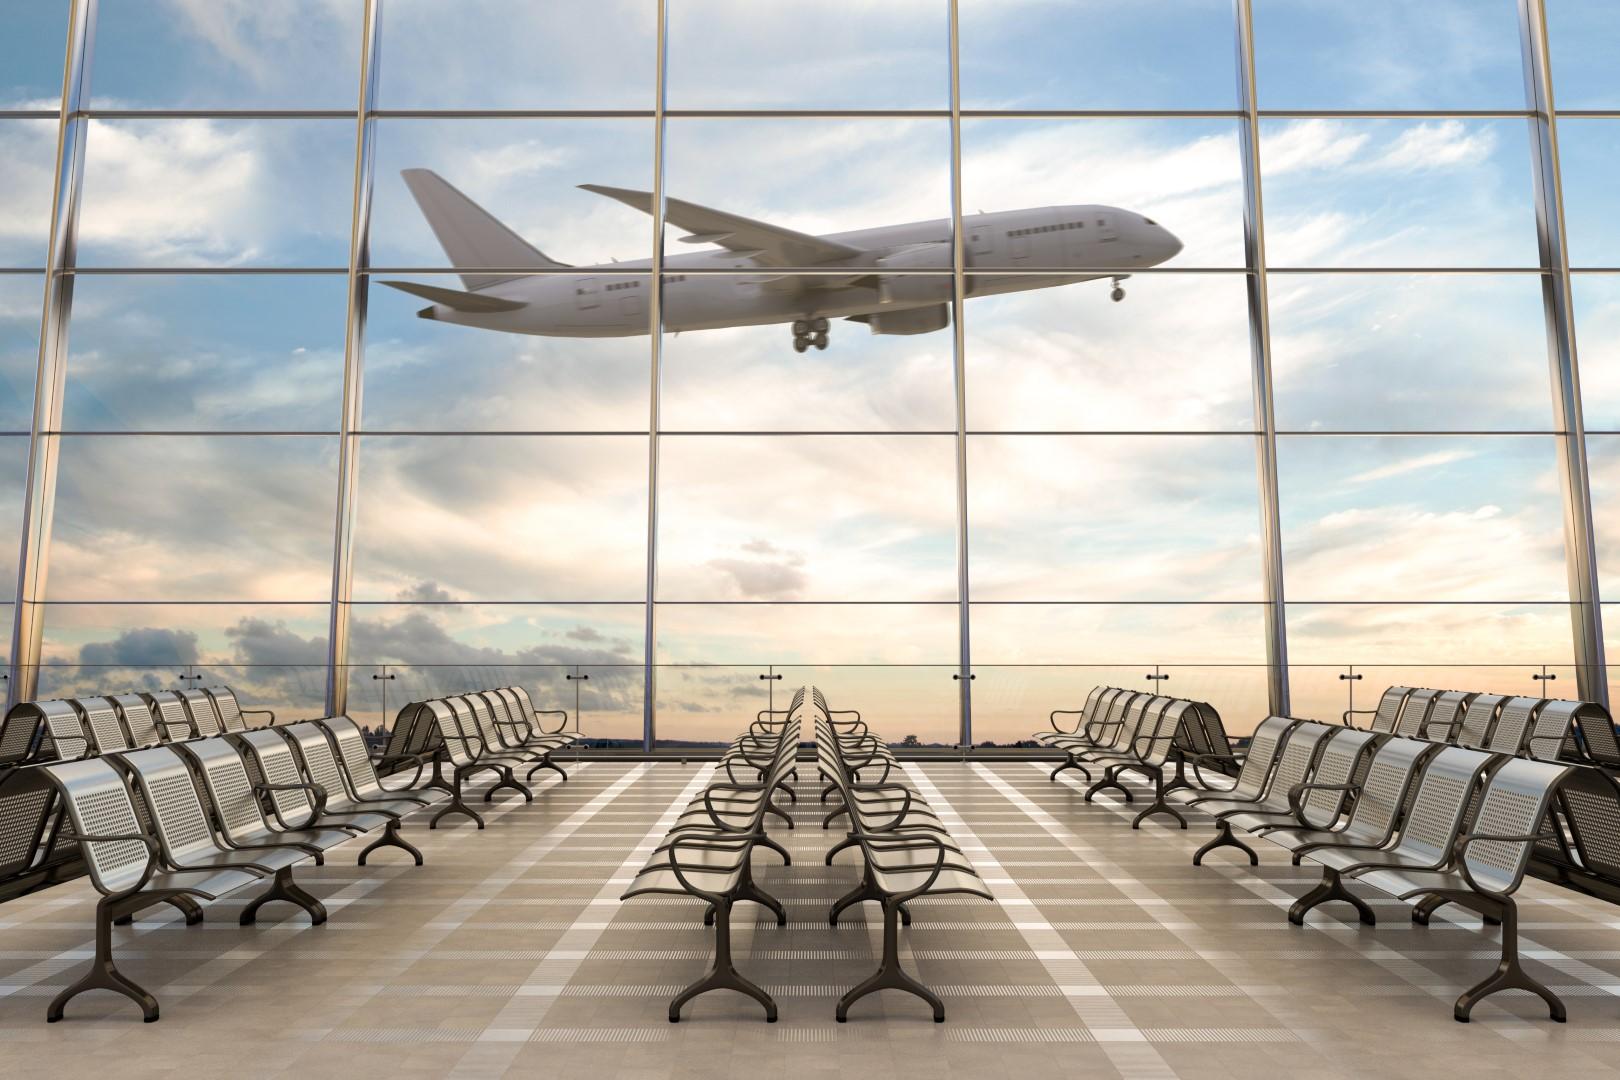 Кипр оперативно расширяет международное авиасообщение